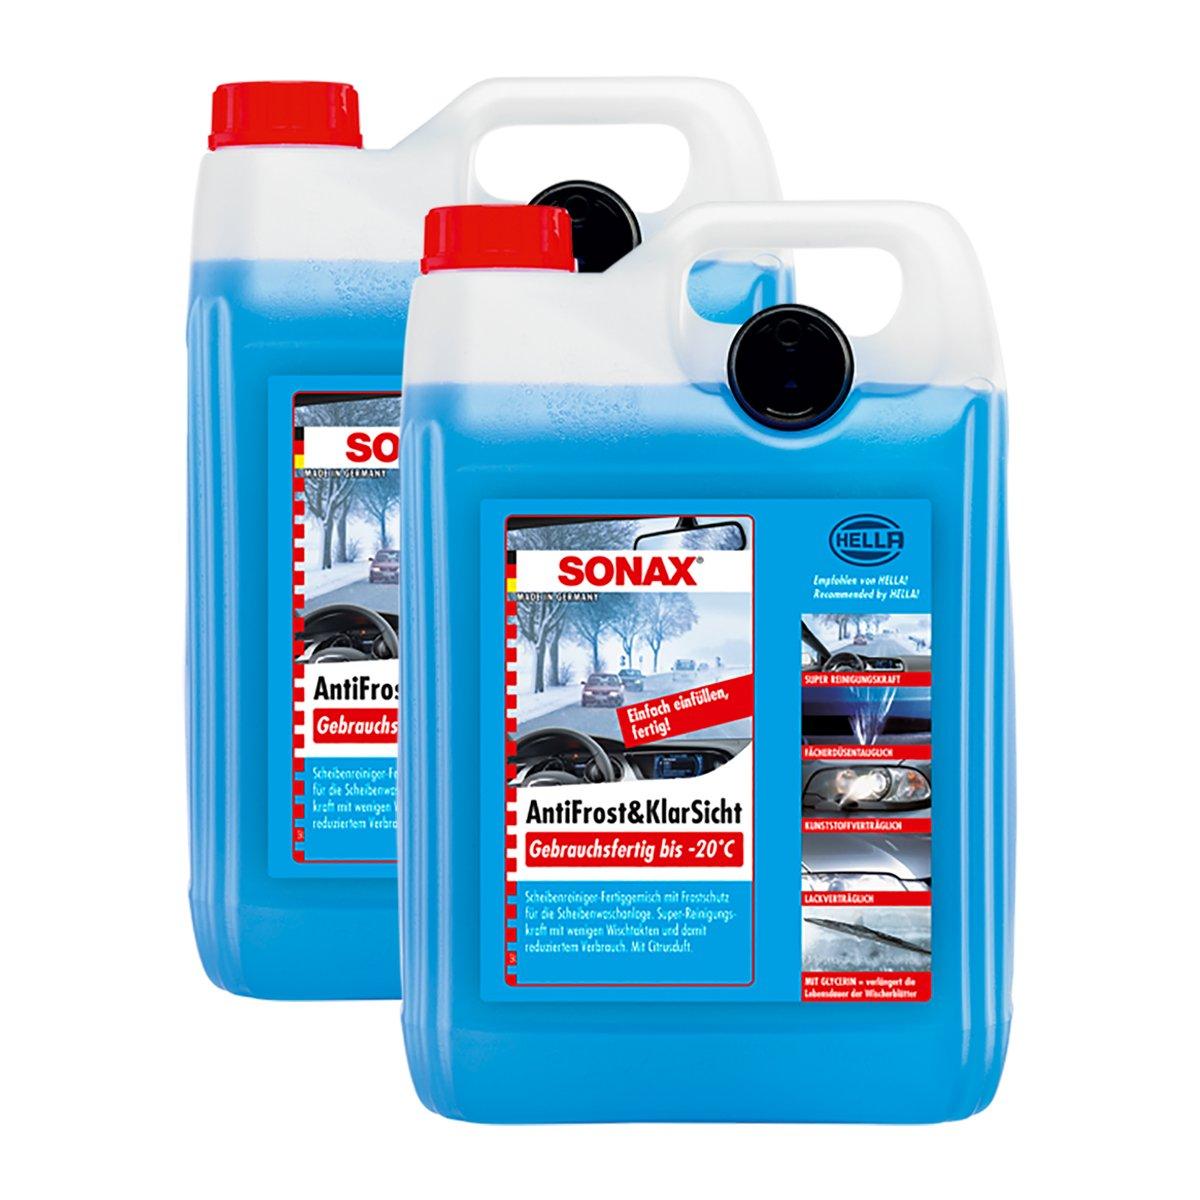 SONAX 2X 03325000 AntiFrost&KlarSicht gebrauchsfertig bis -20° C Frostschutz 5L